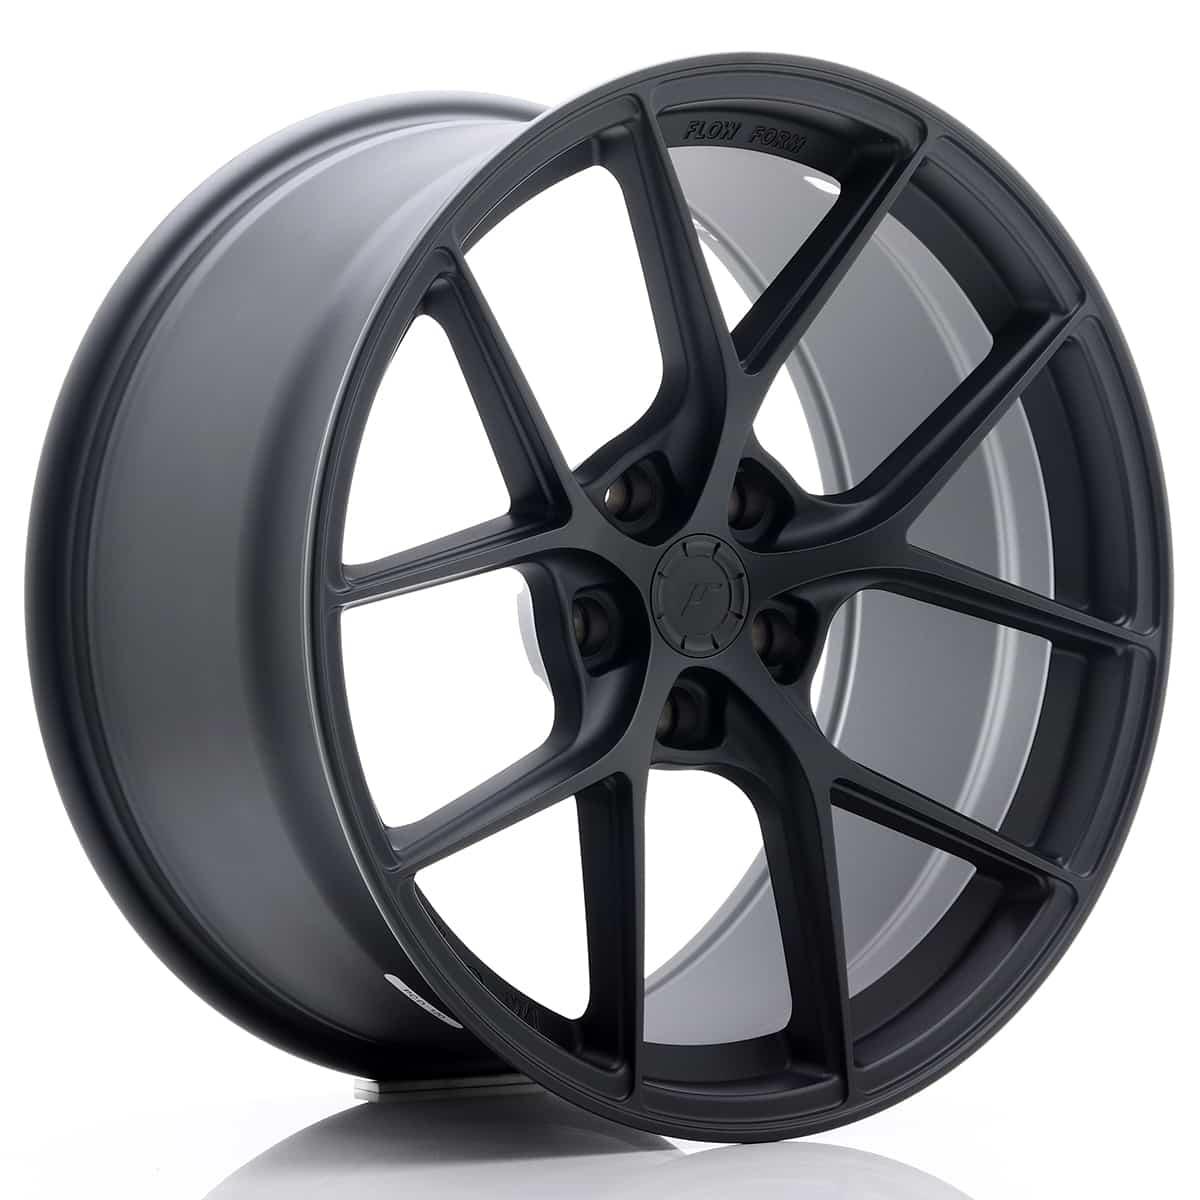 JR Wheels SL01 19x9, 5 ET40 5x120 Matt Gun Metal